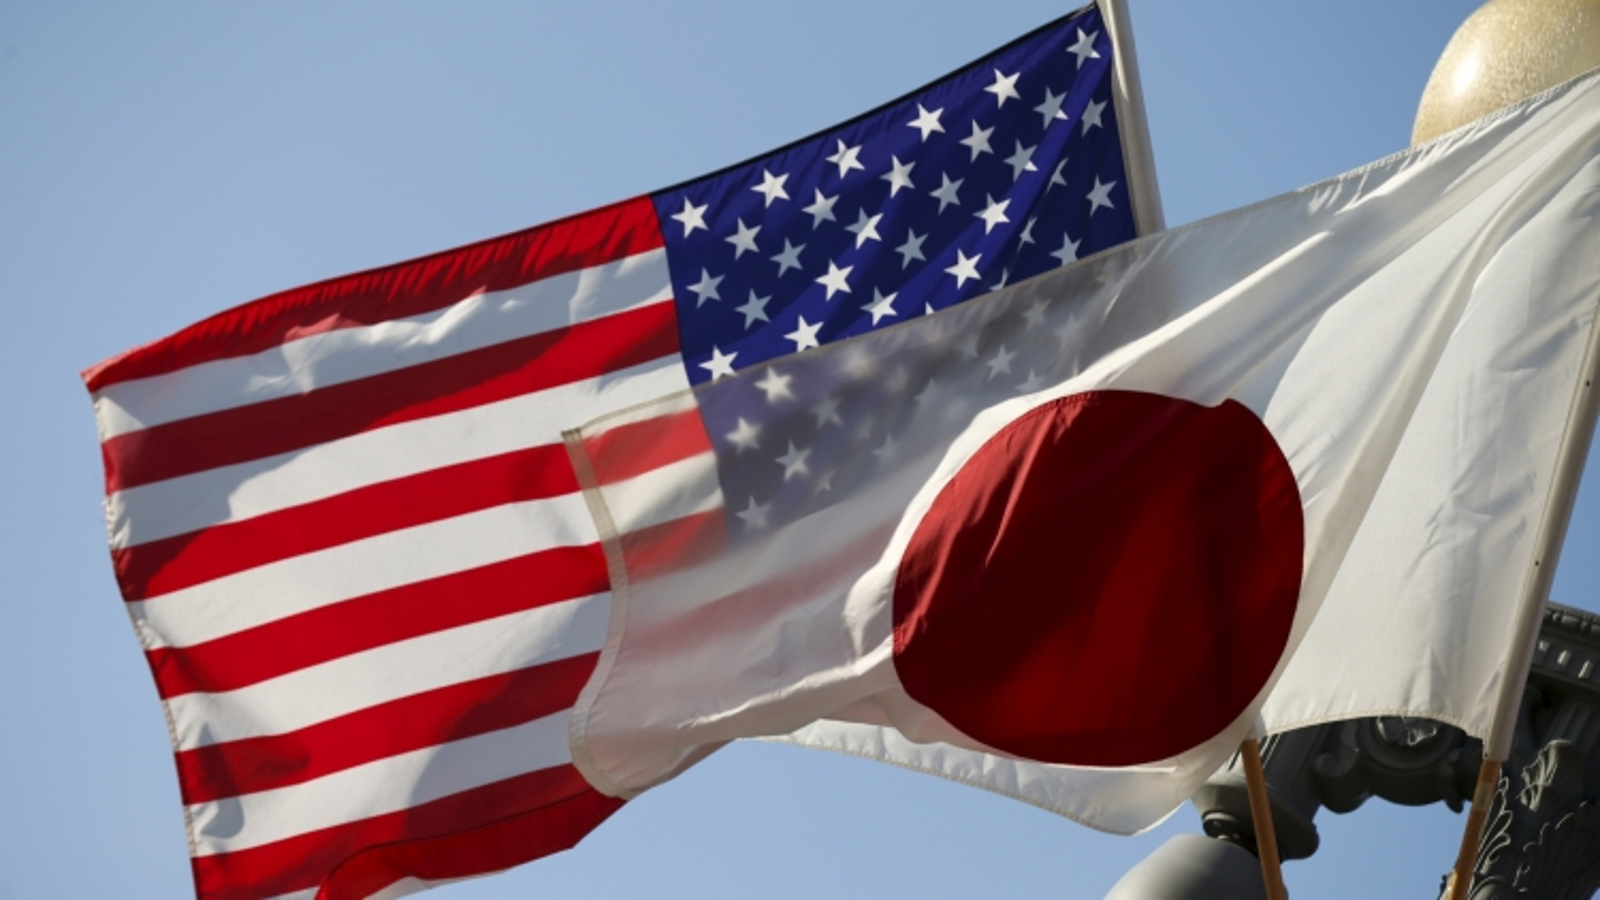 Mỹ và Nhật Bản tái khẳng định sức mạnh liên minh trong đảm bảo an ninh biển